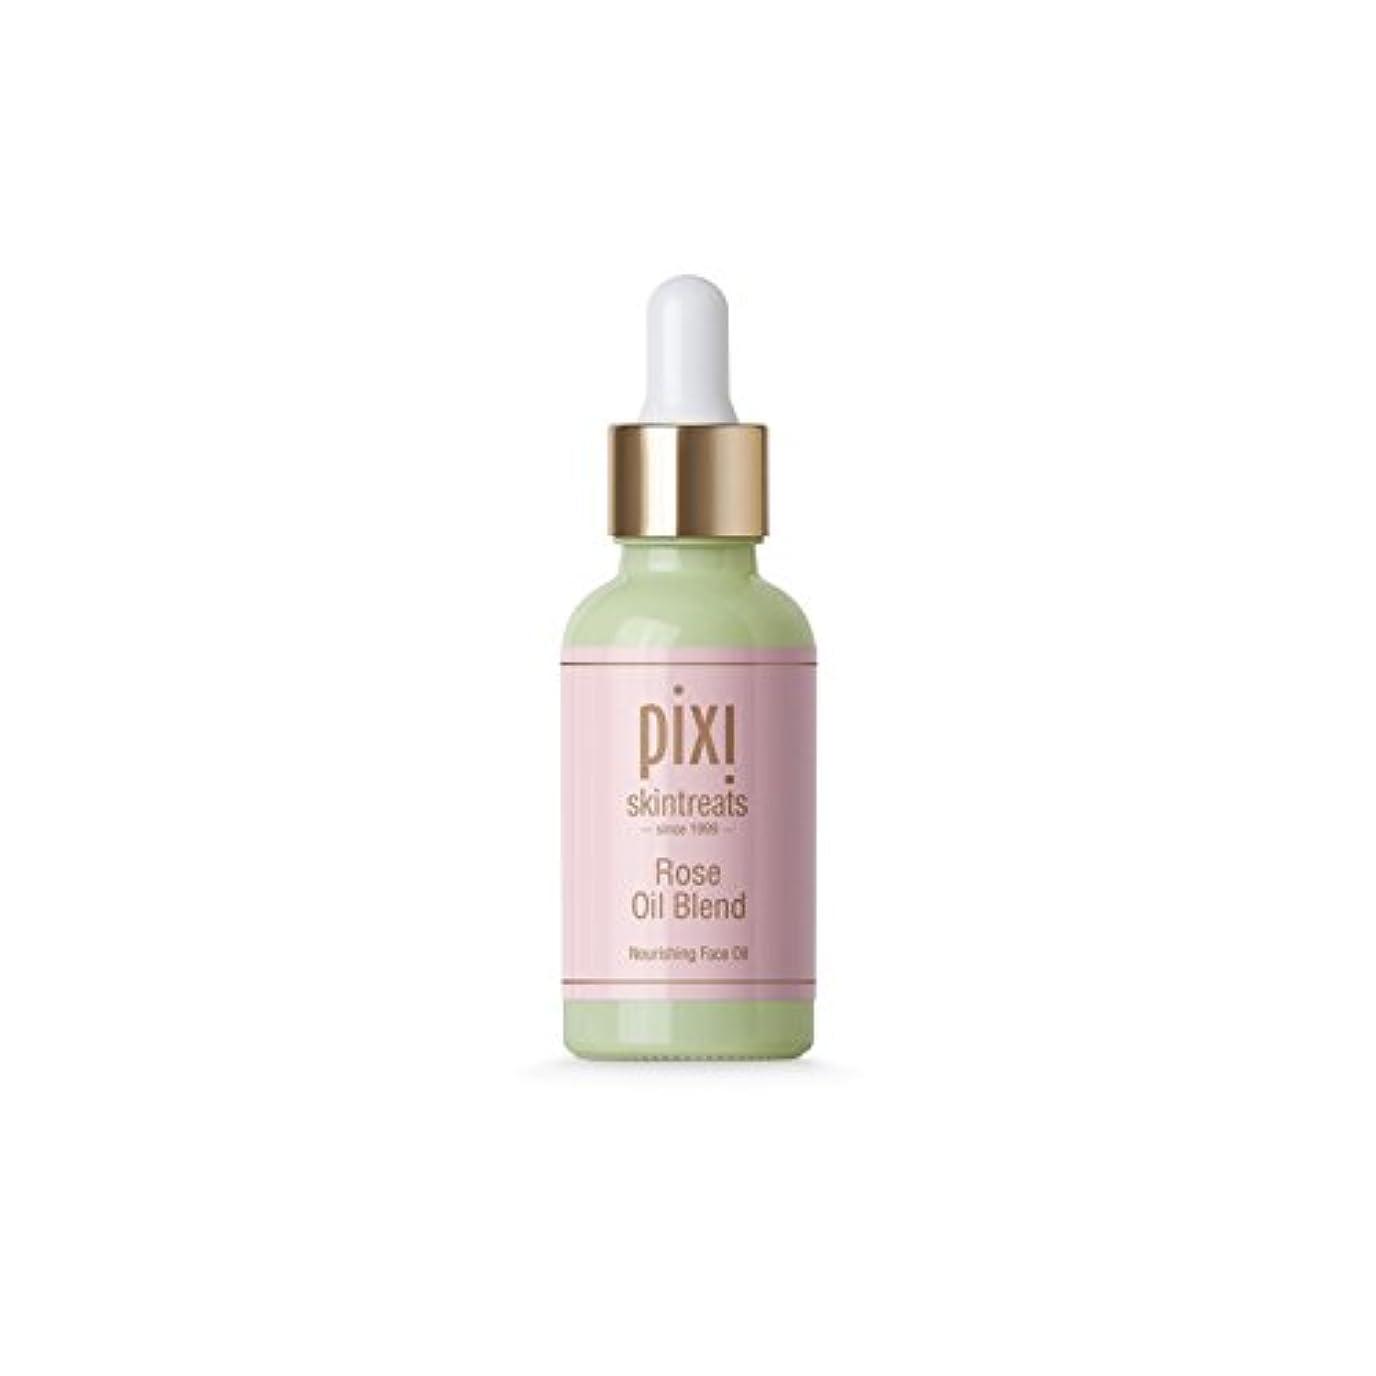 ダイエットテクトニックマウンドは、油ブレンドをバラ x2 - Pixi Rose Oil Blend (Pack of 2) [並行輸入品]